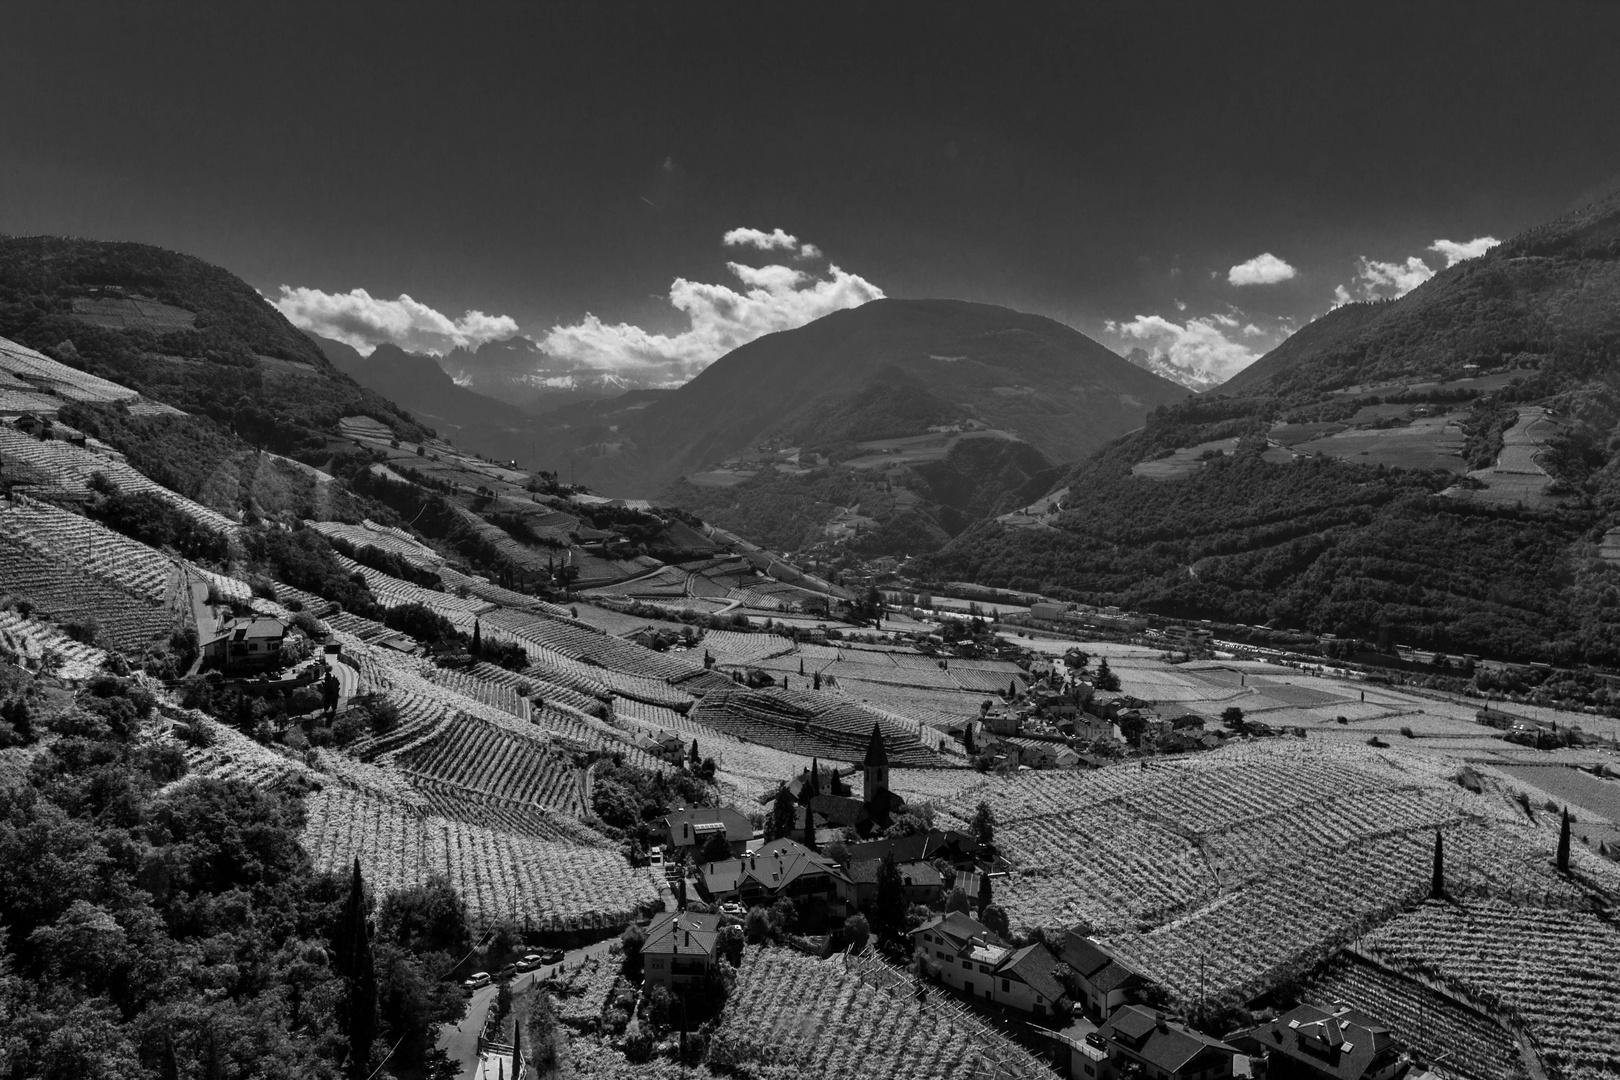 The hills of Bolzano